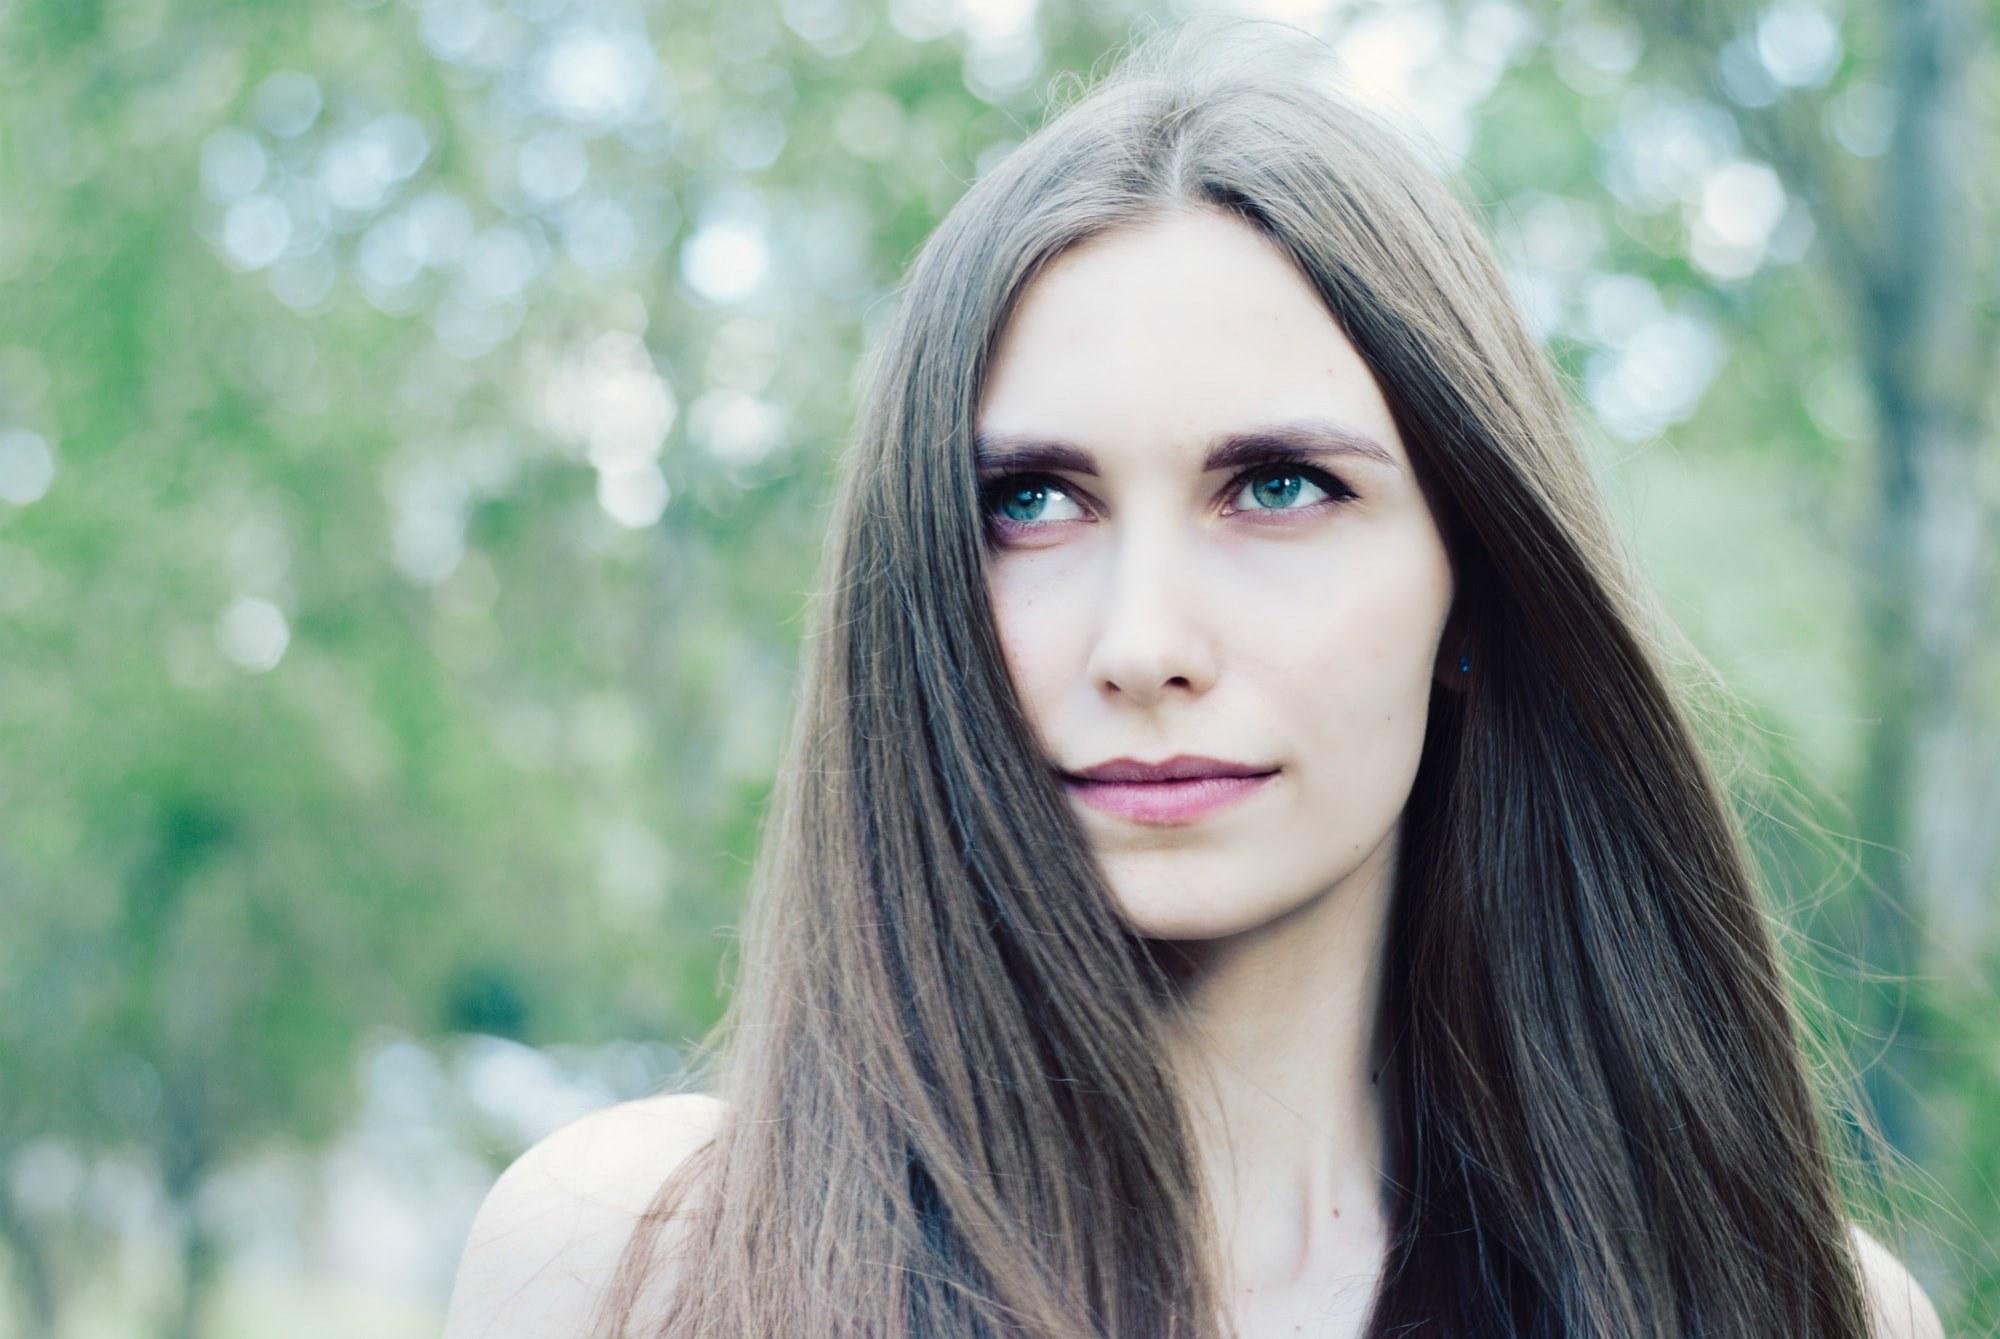 Девушка модельной внешности - Фотограф Киев - Женя Лайт